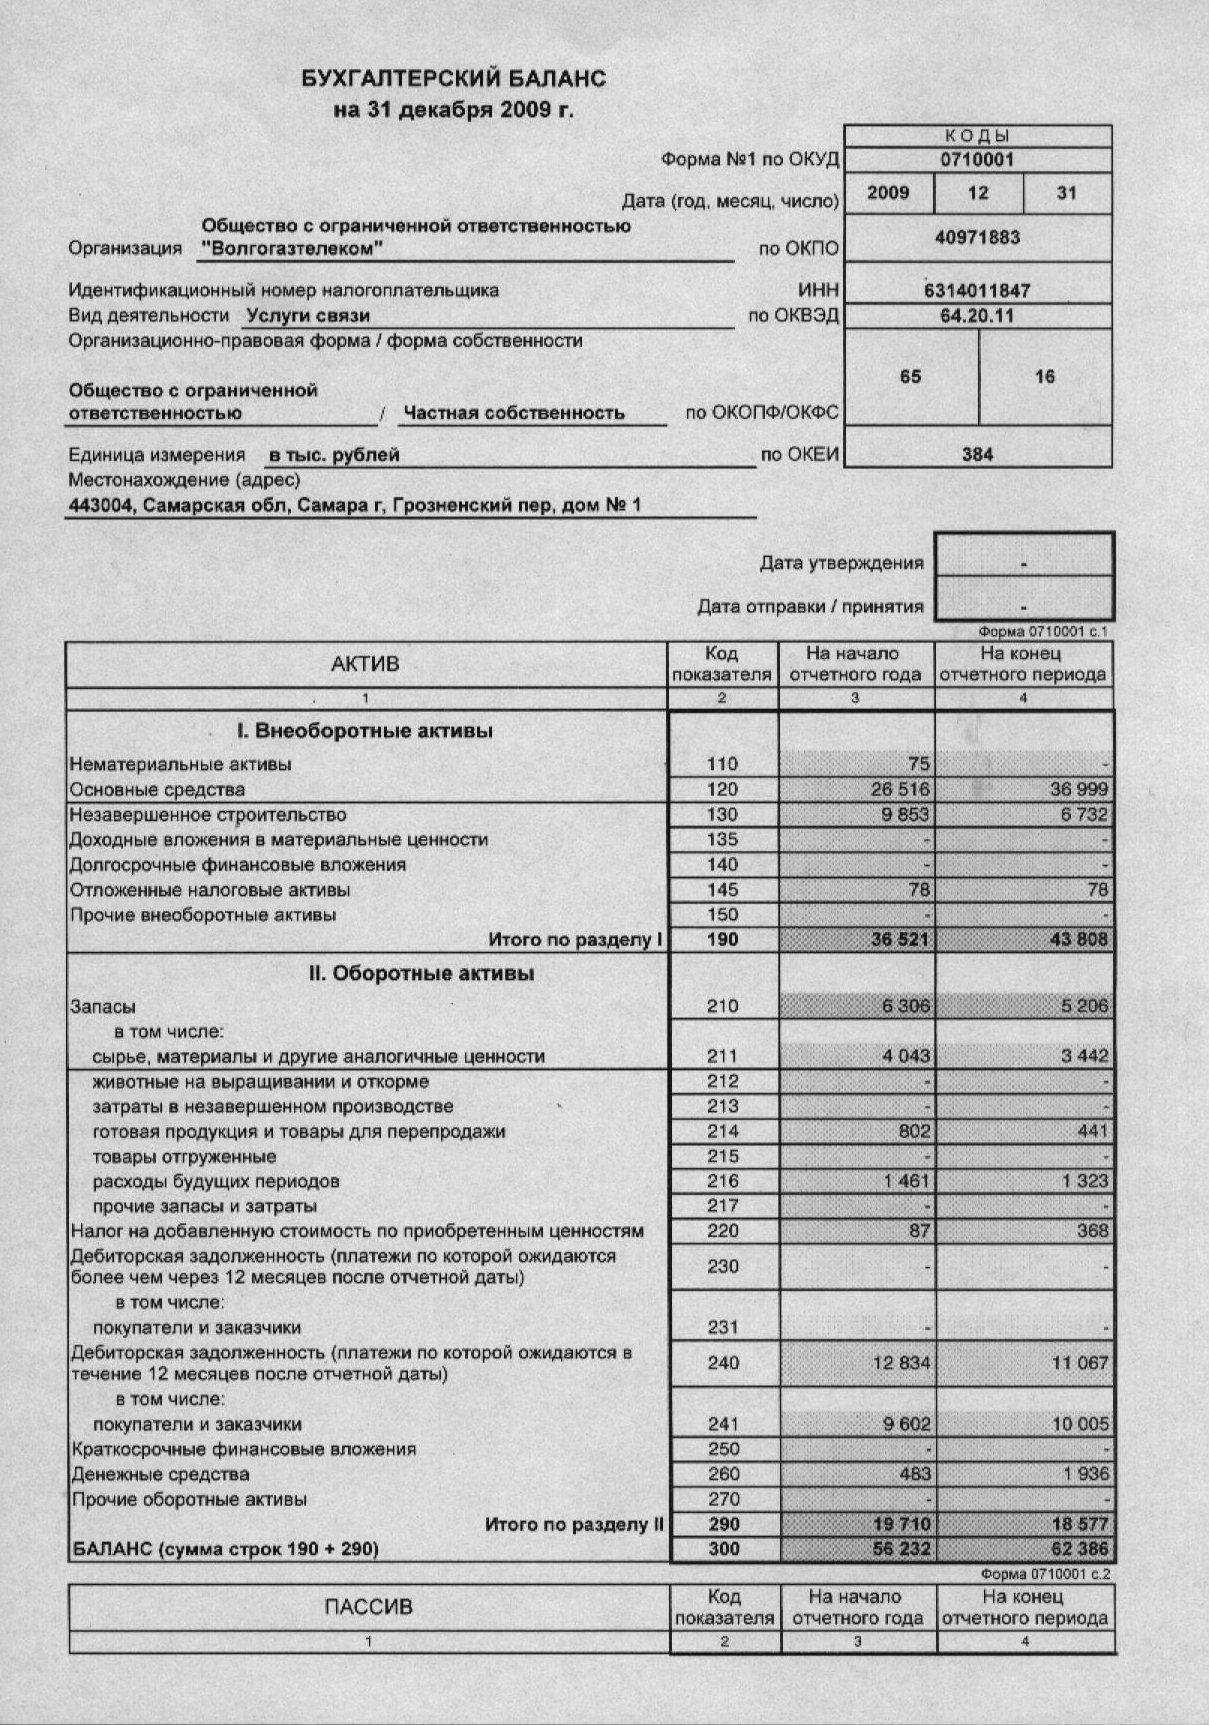 Бухгалтерский баланс 2009 скачать